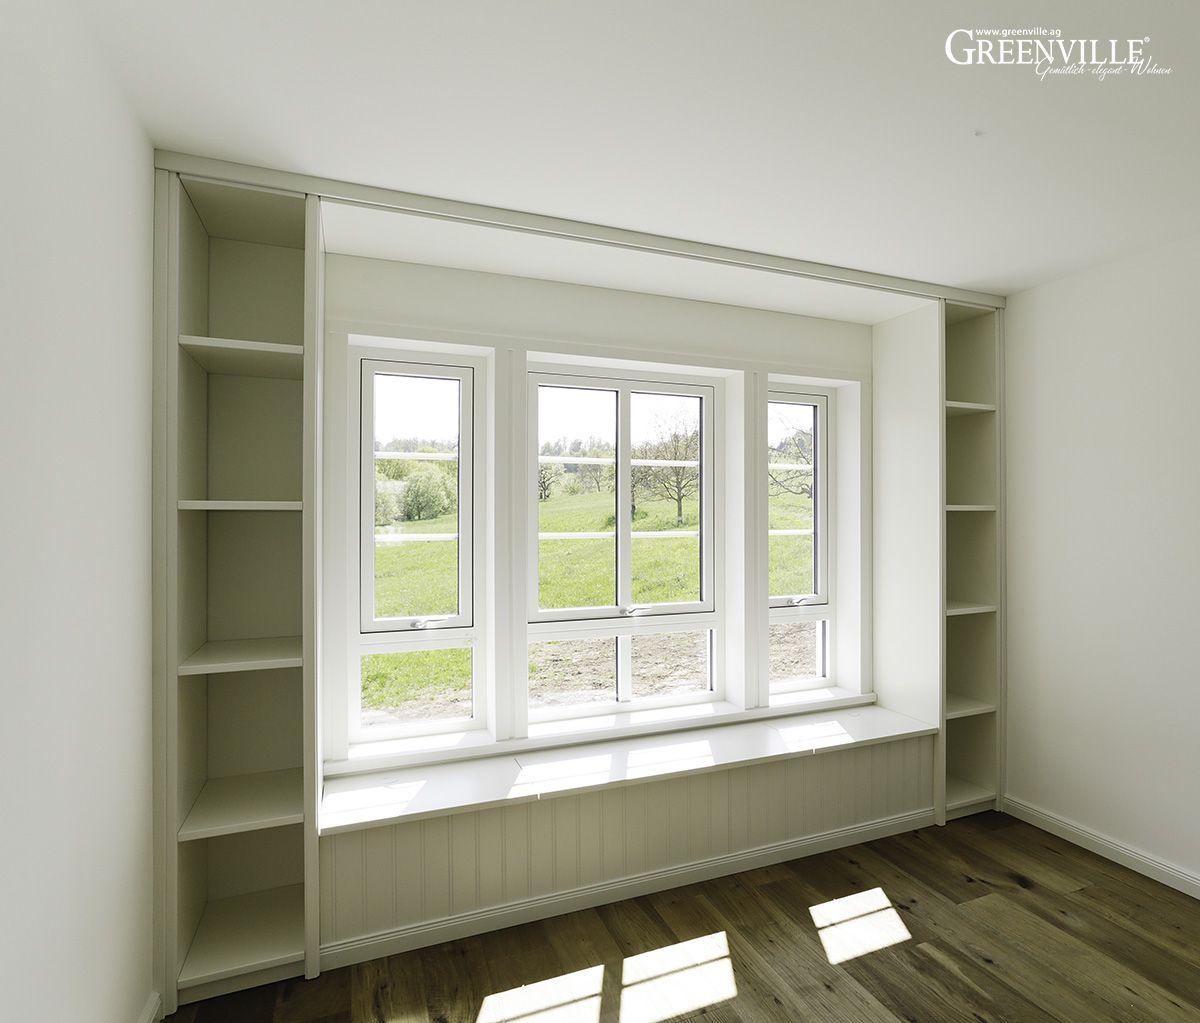 Fensterbank mit Bücherregal. Zum Klönen und Lesen ...